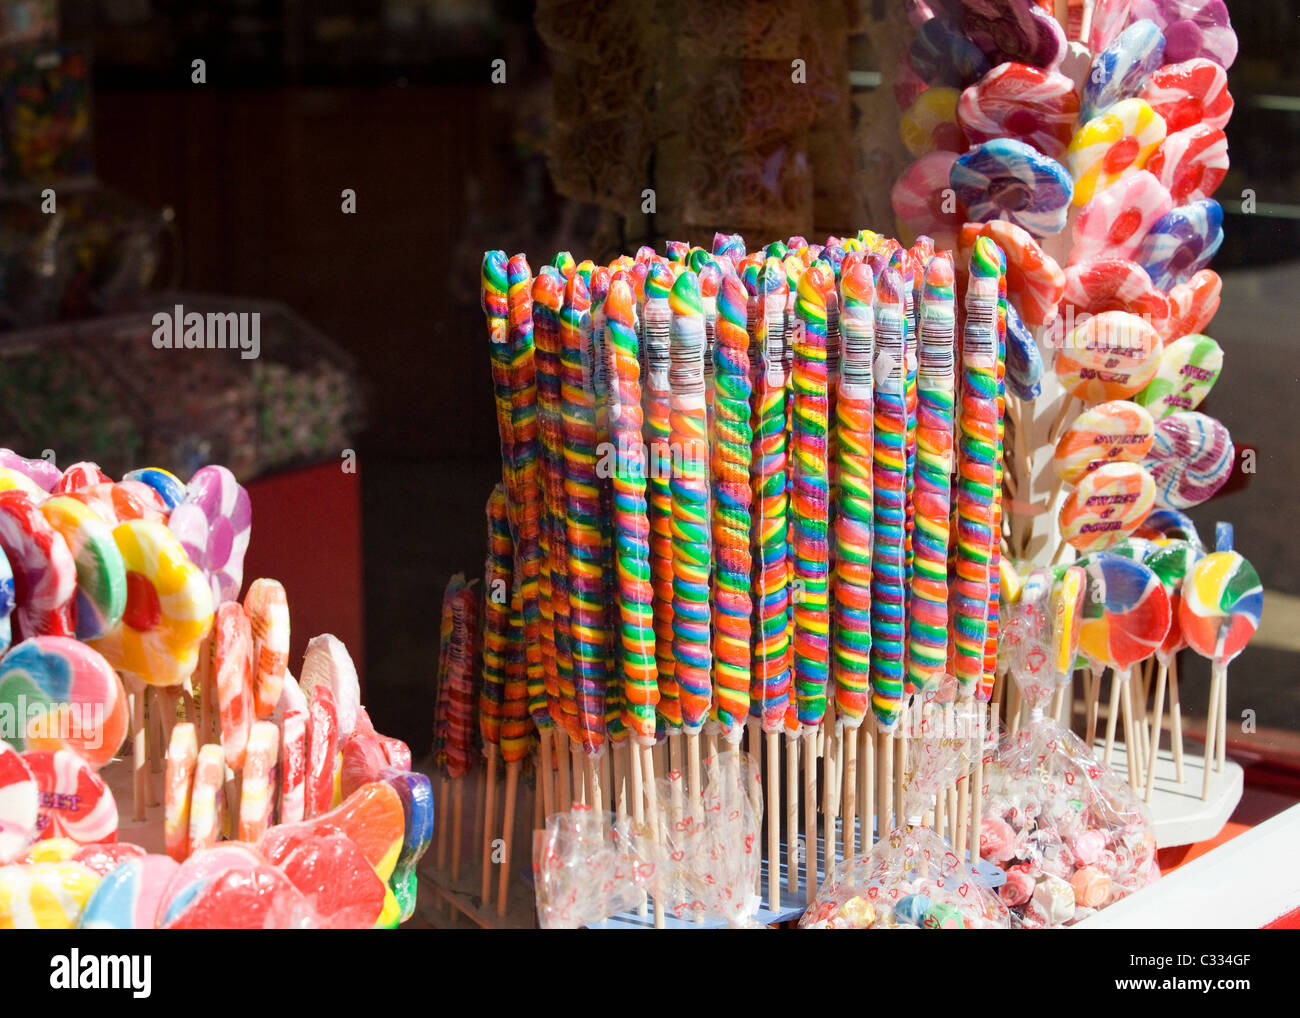 Candy Store-Display-Fenster Stockbild